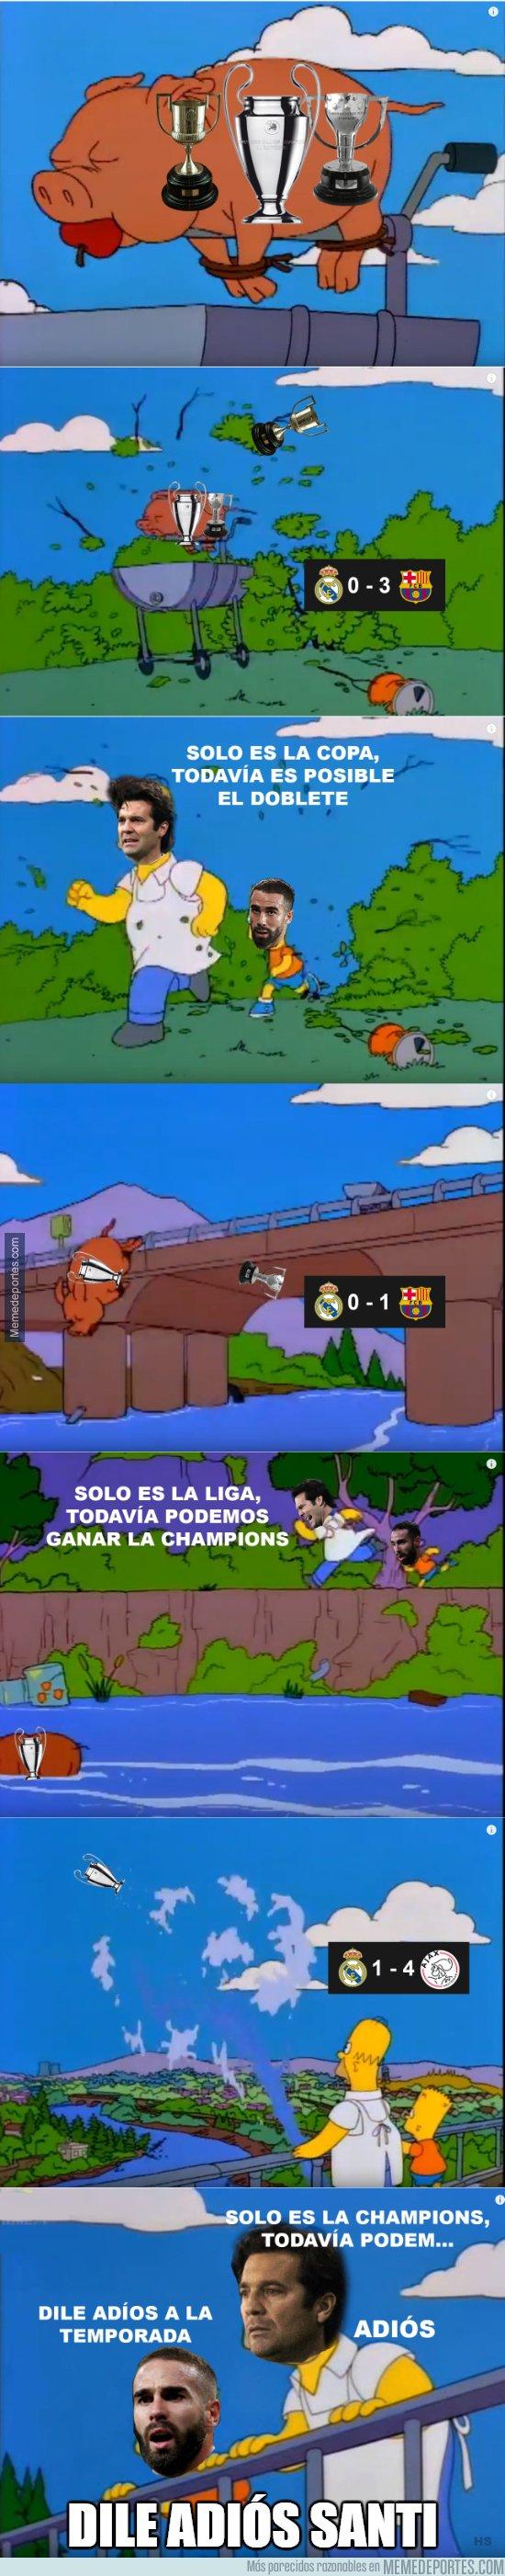 1067249 - Resumen de la semana del Madrid